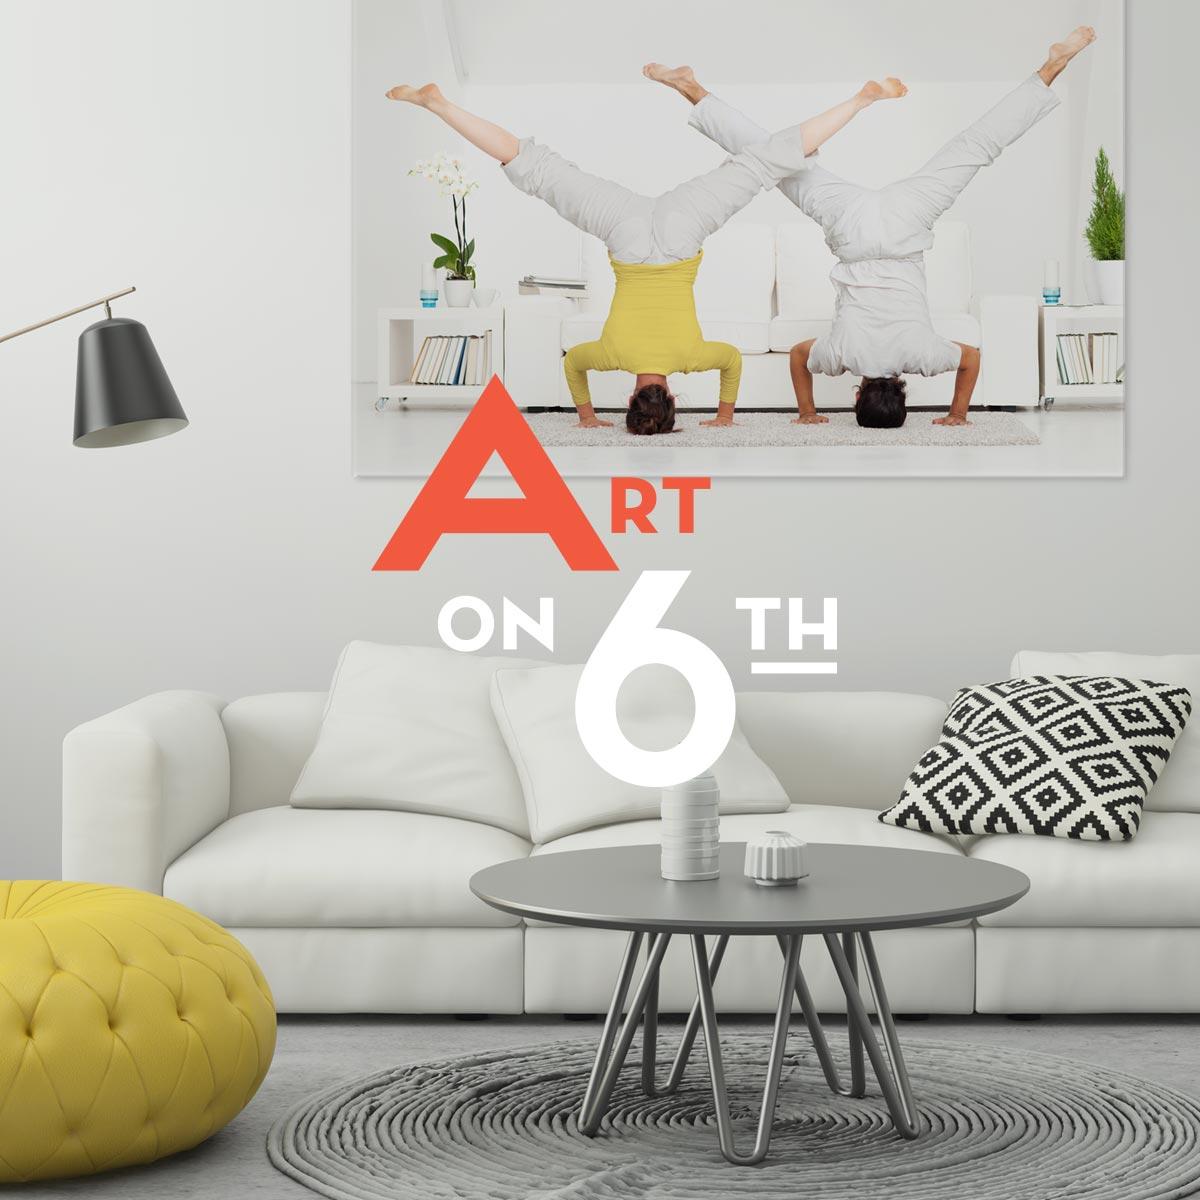 Art on 6th Real Estate Branding